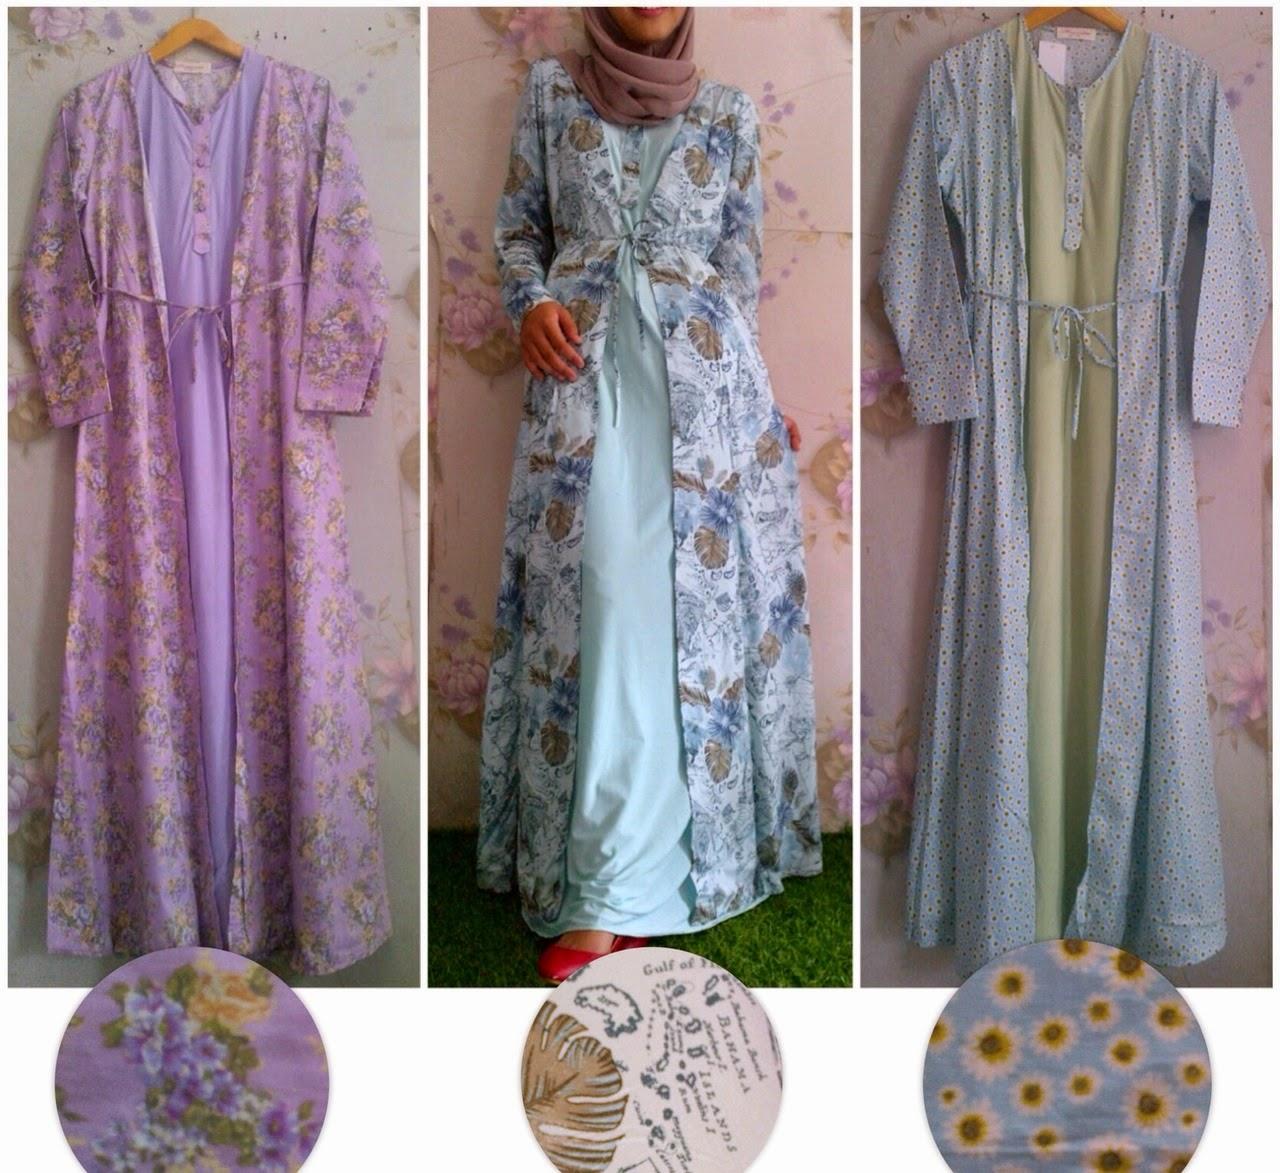 Vkoy boutique supplier butik hijabers Toko baju gamis bahan katun jepang